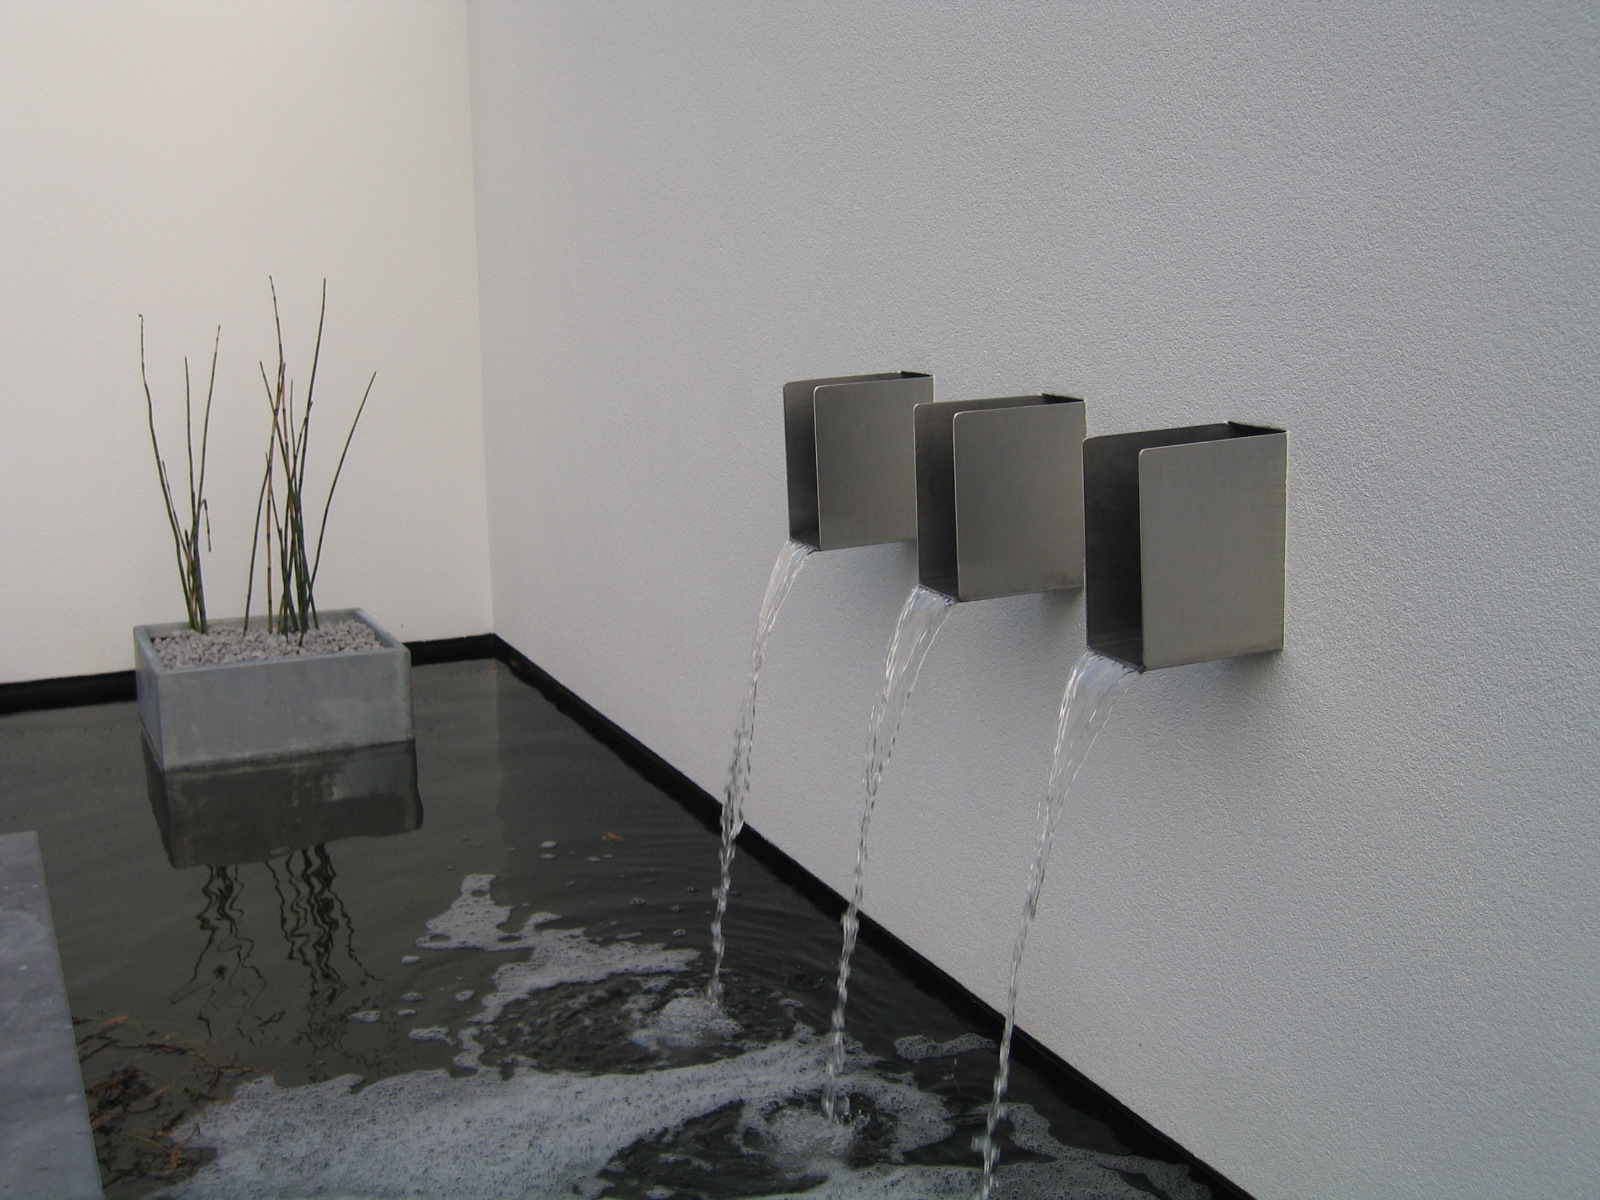 RVS waterspuwer